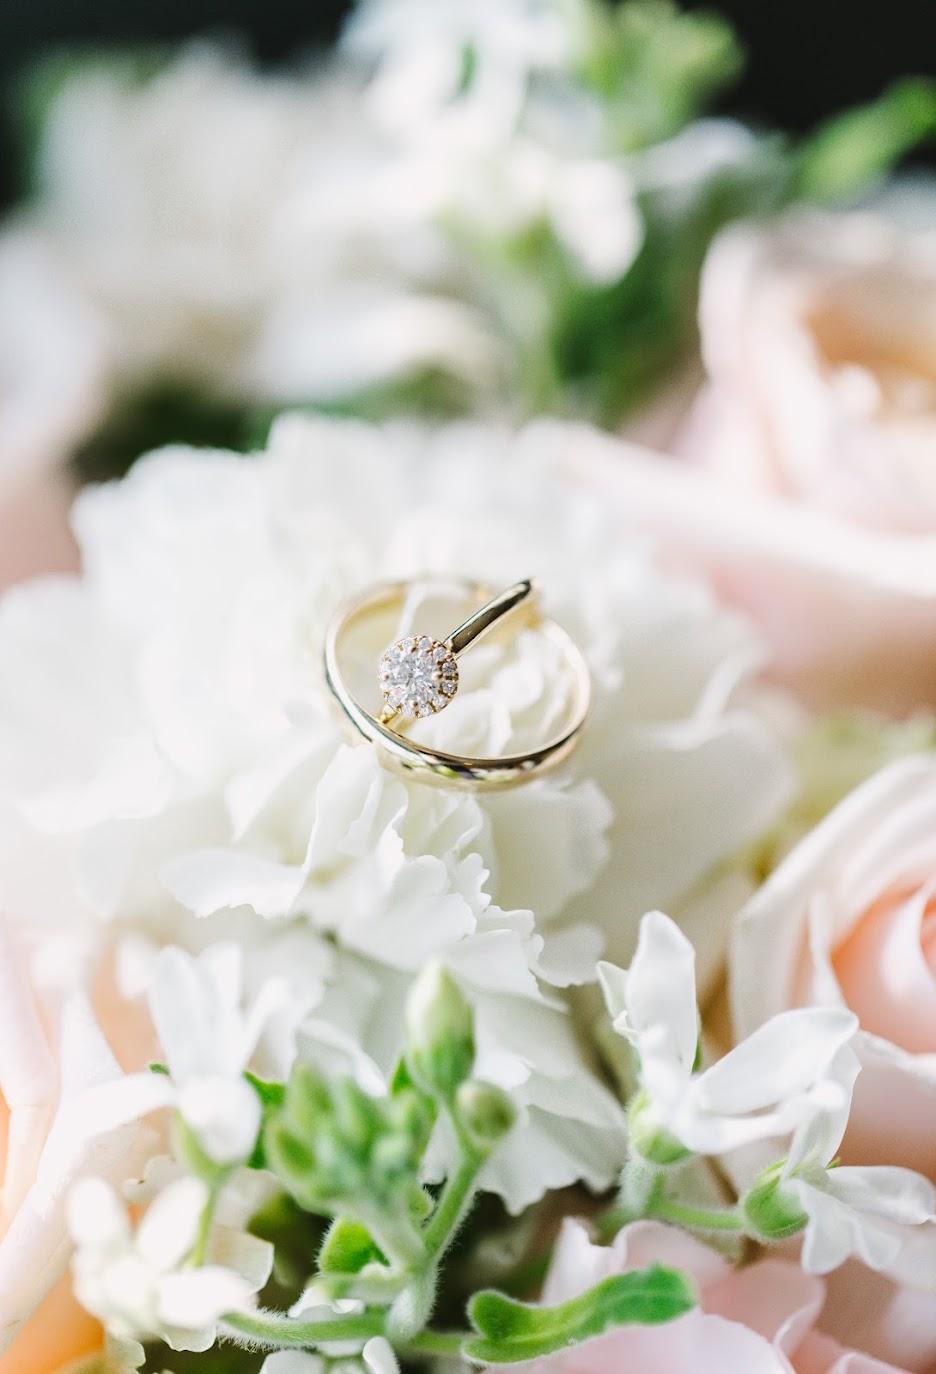 東海路思義教堂婚禮 | M+F WEDDING | 美式婚禮紀錄 – 戶外婚禮派對